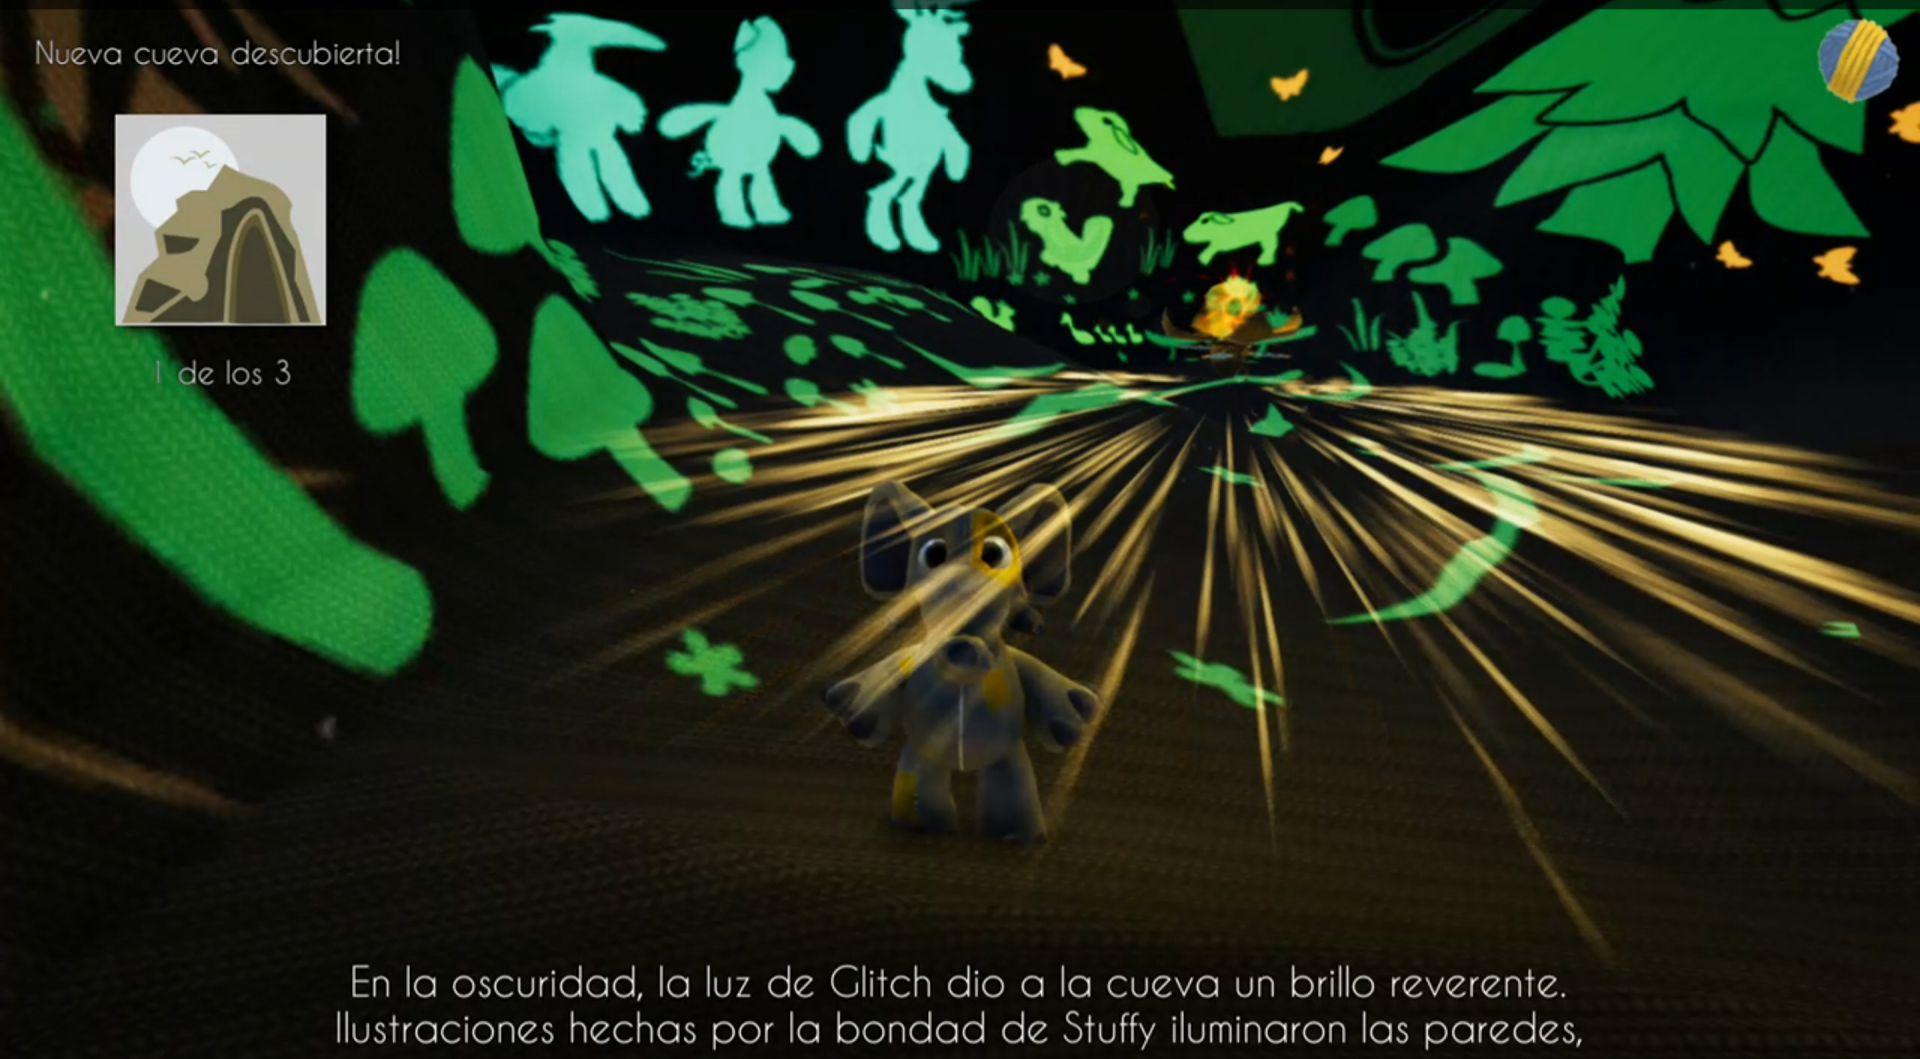 Woven the Game pinturas iluminadas por Glitch